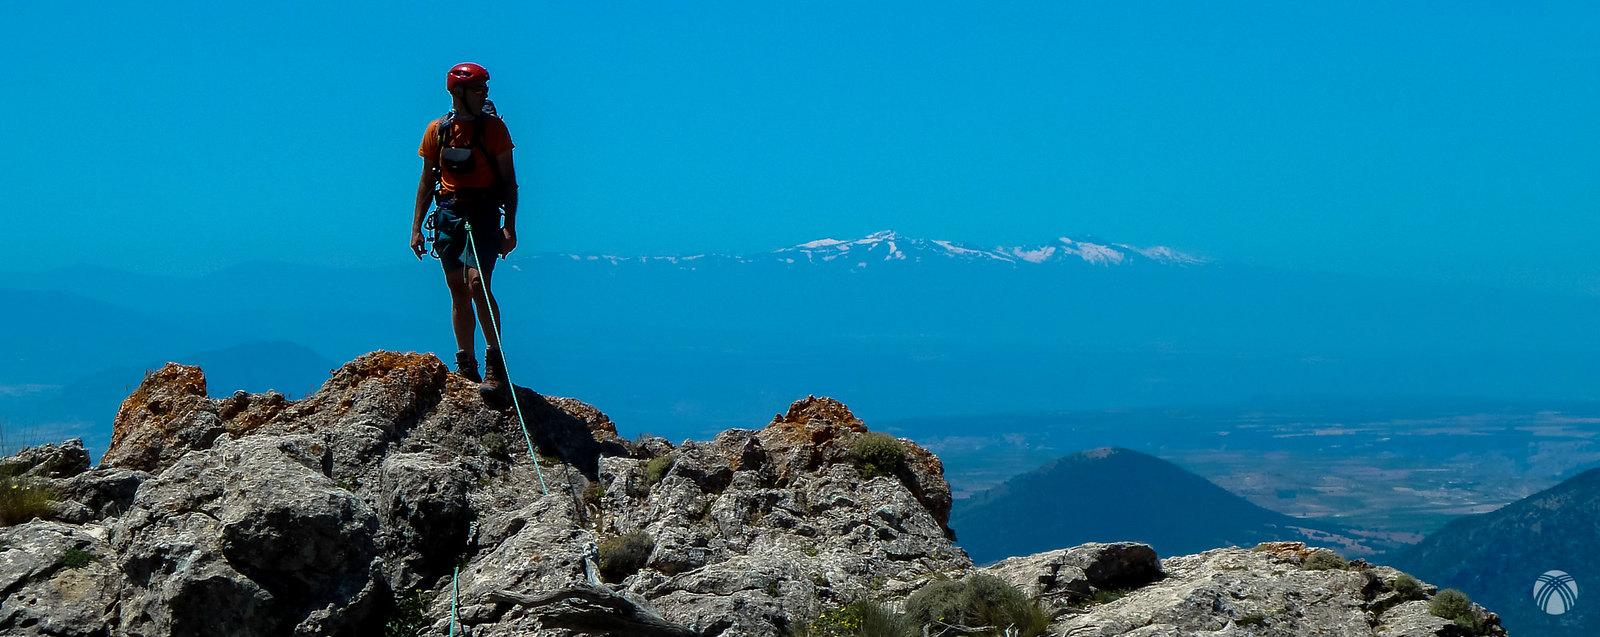 Al fondo sierra Nevada siempre presente